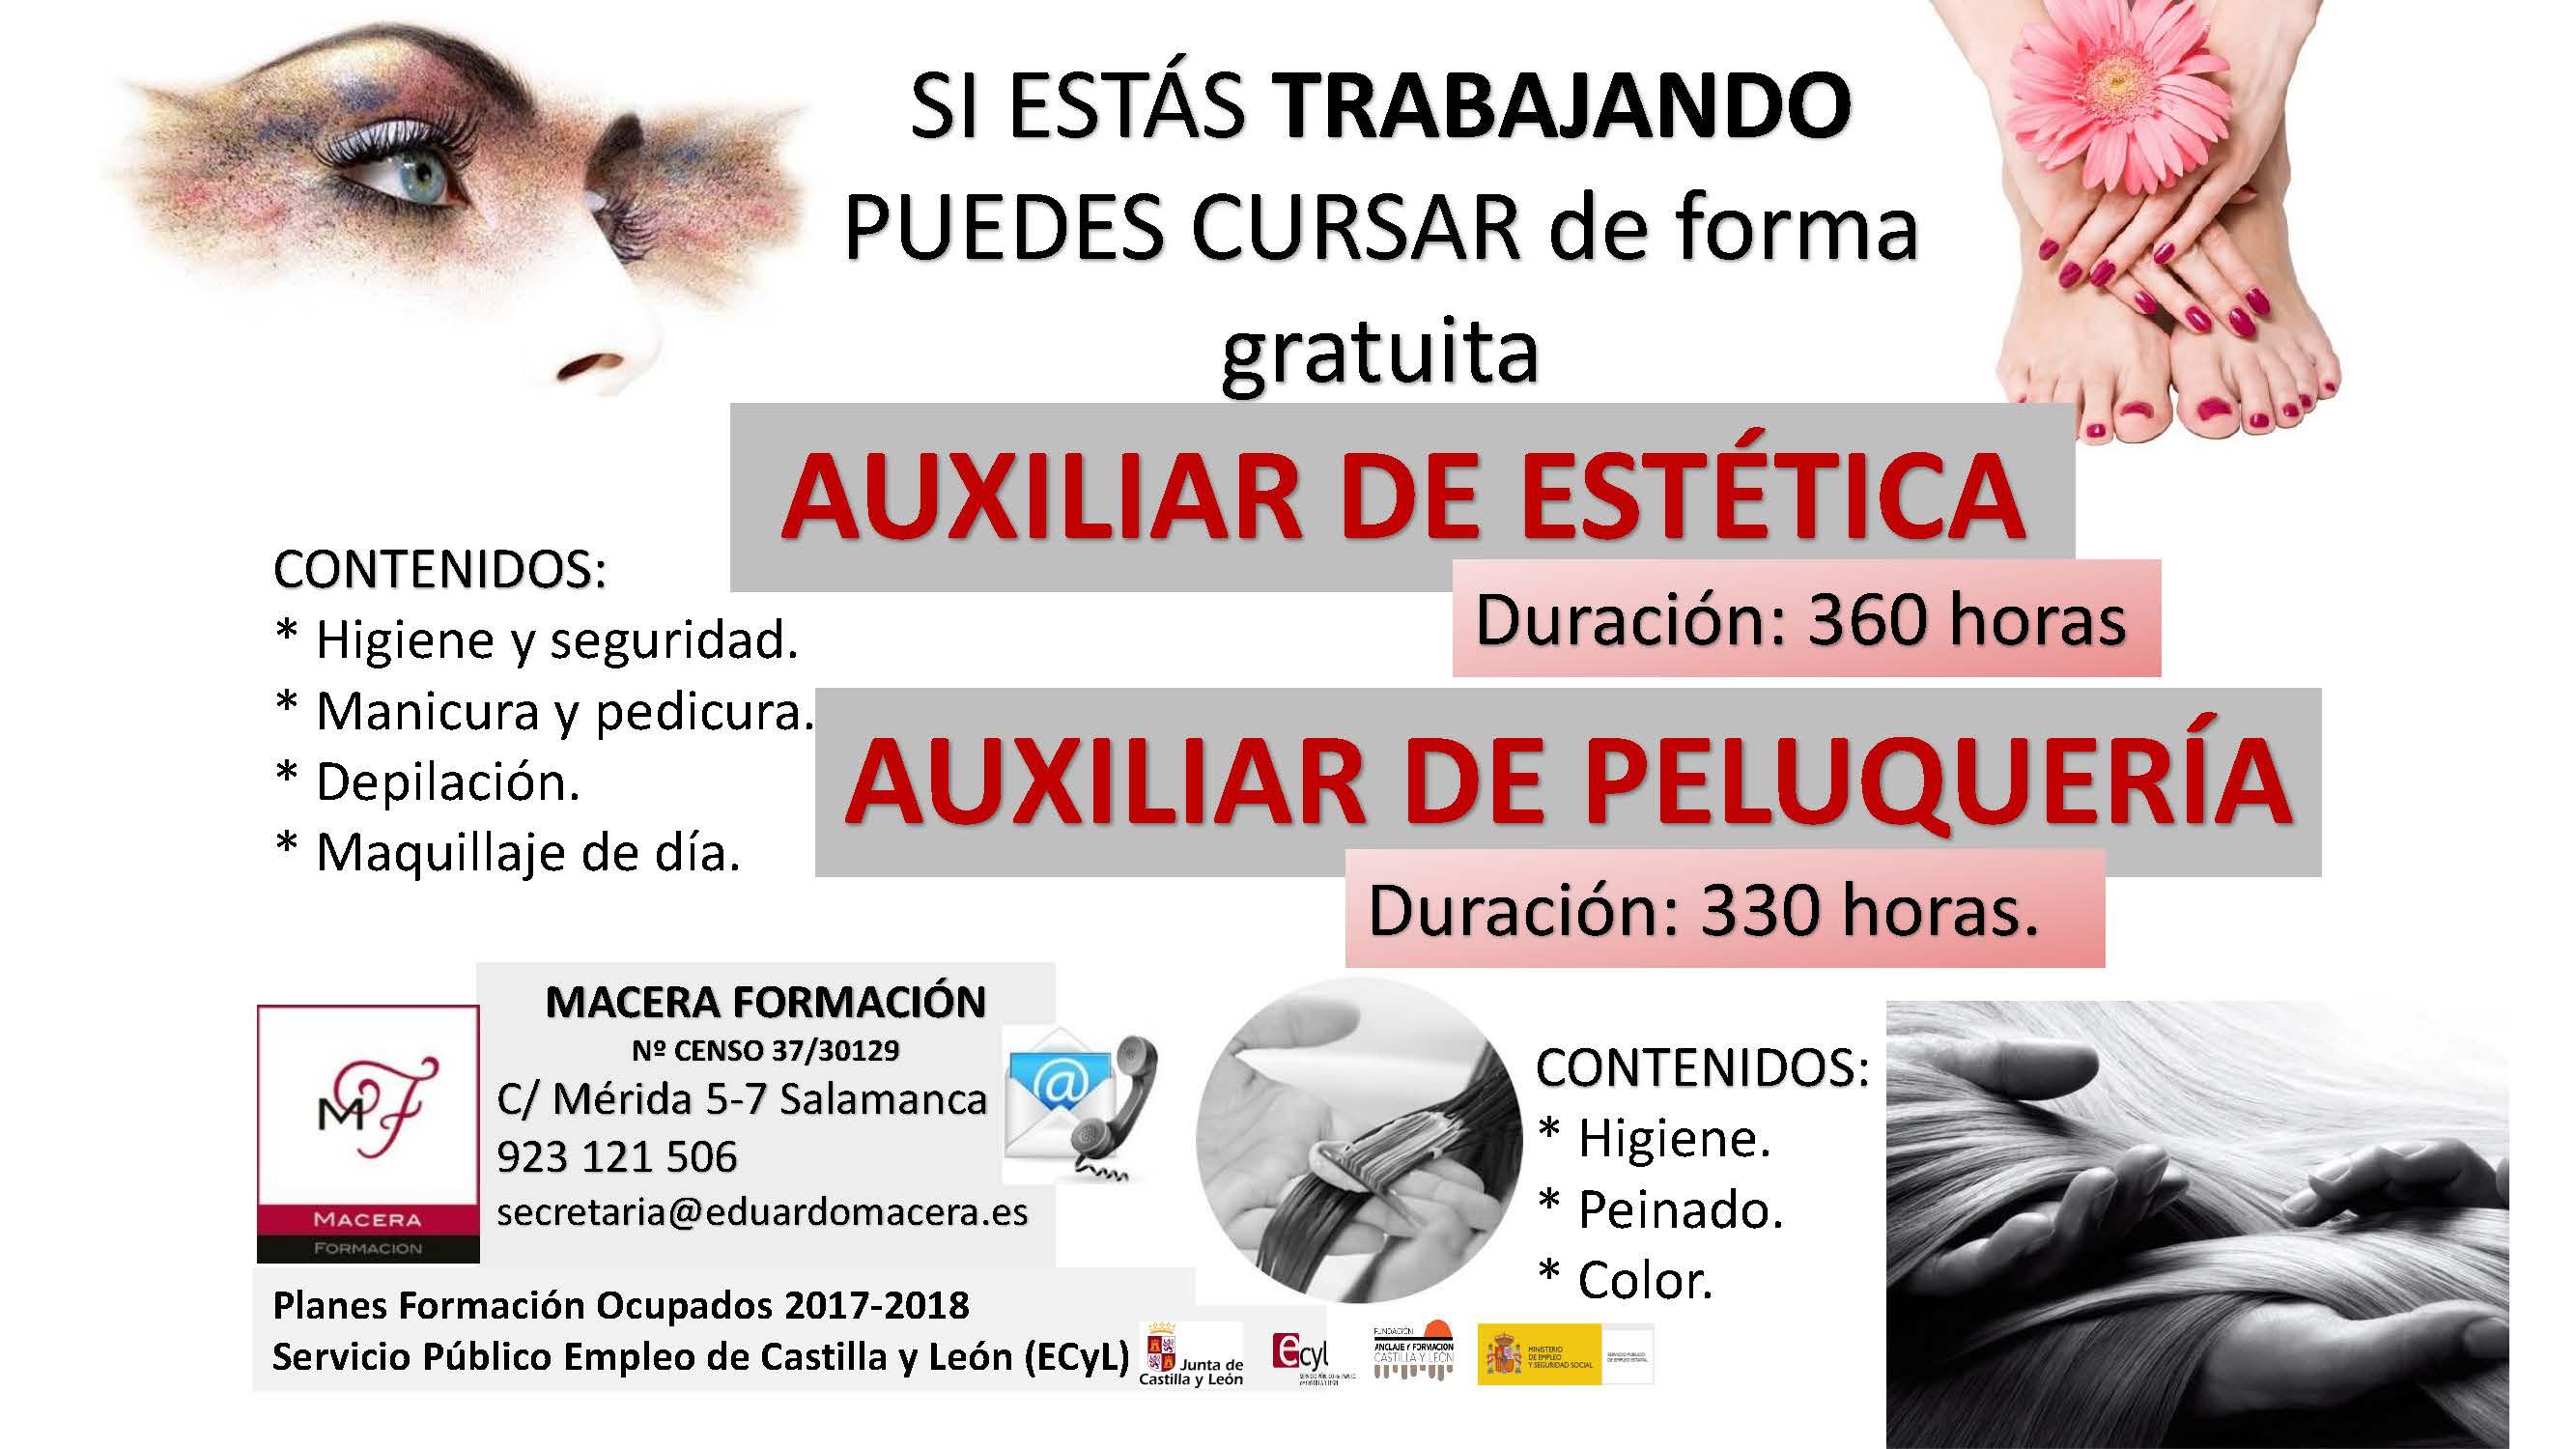 CURSOS DE AUXILIAR DE ESTÉTICA Y AUXILIAR DE PELUQUERÍA PARA TRABAJADORES OCUPADOS